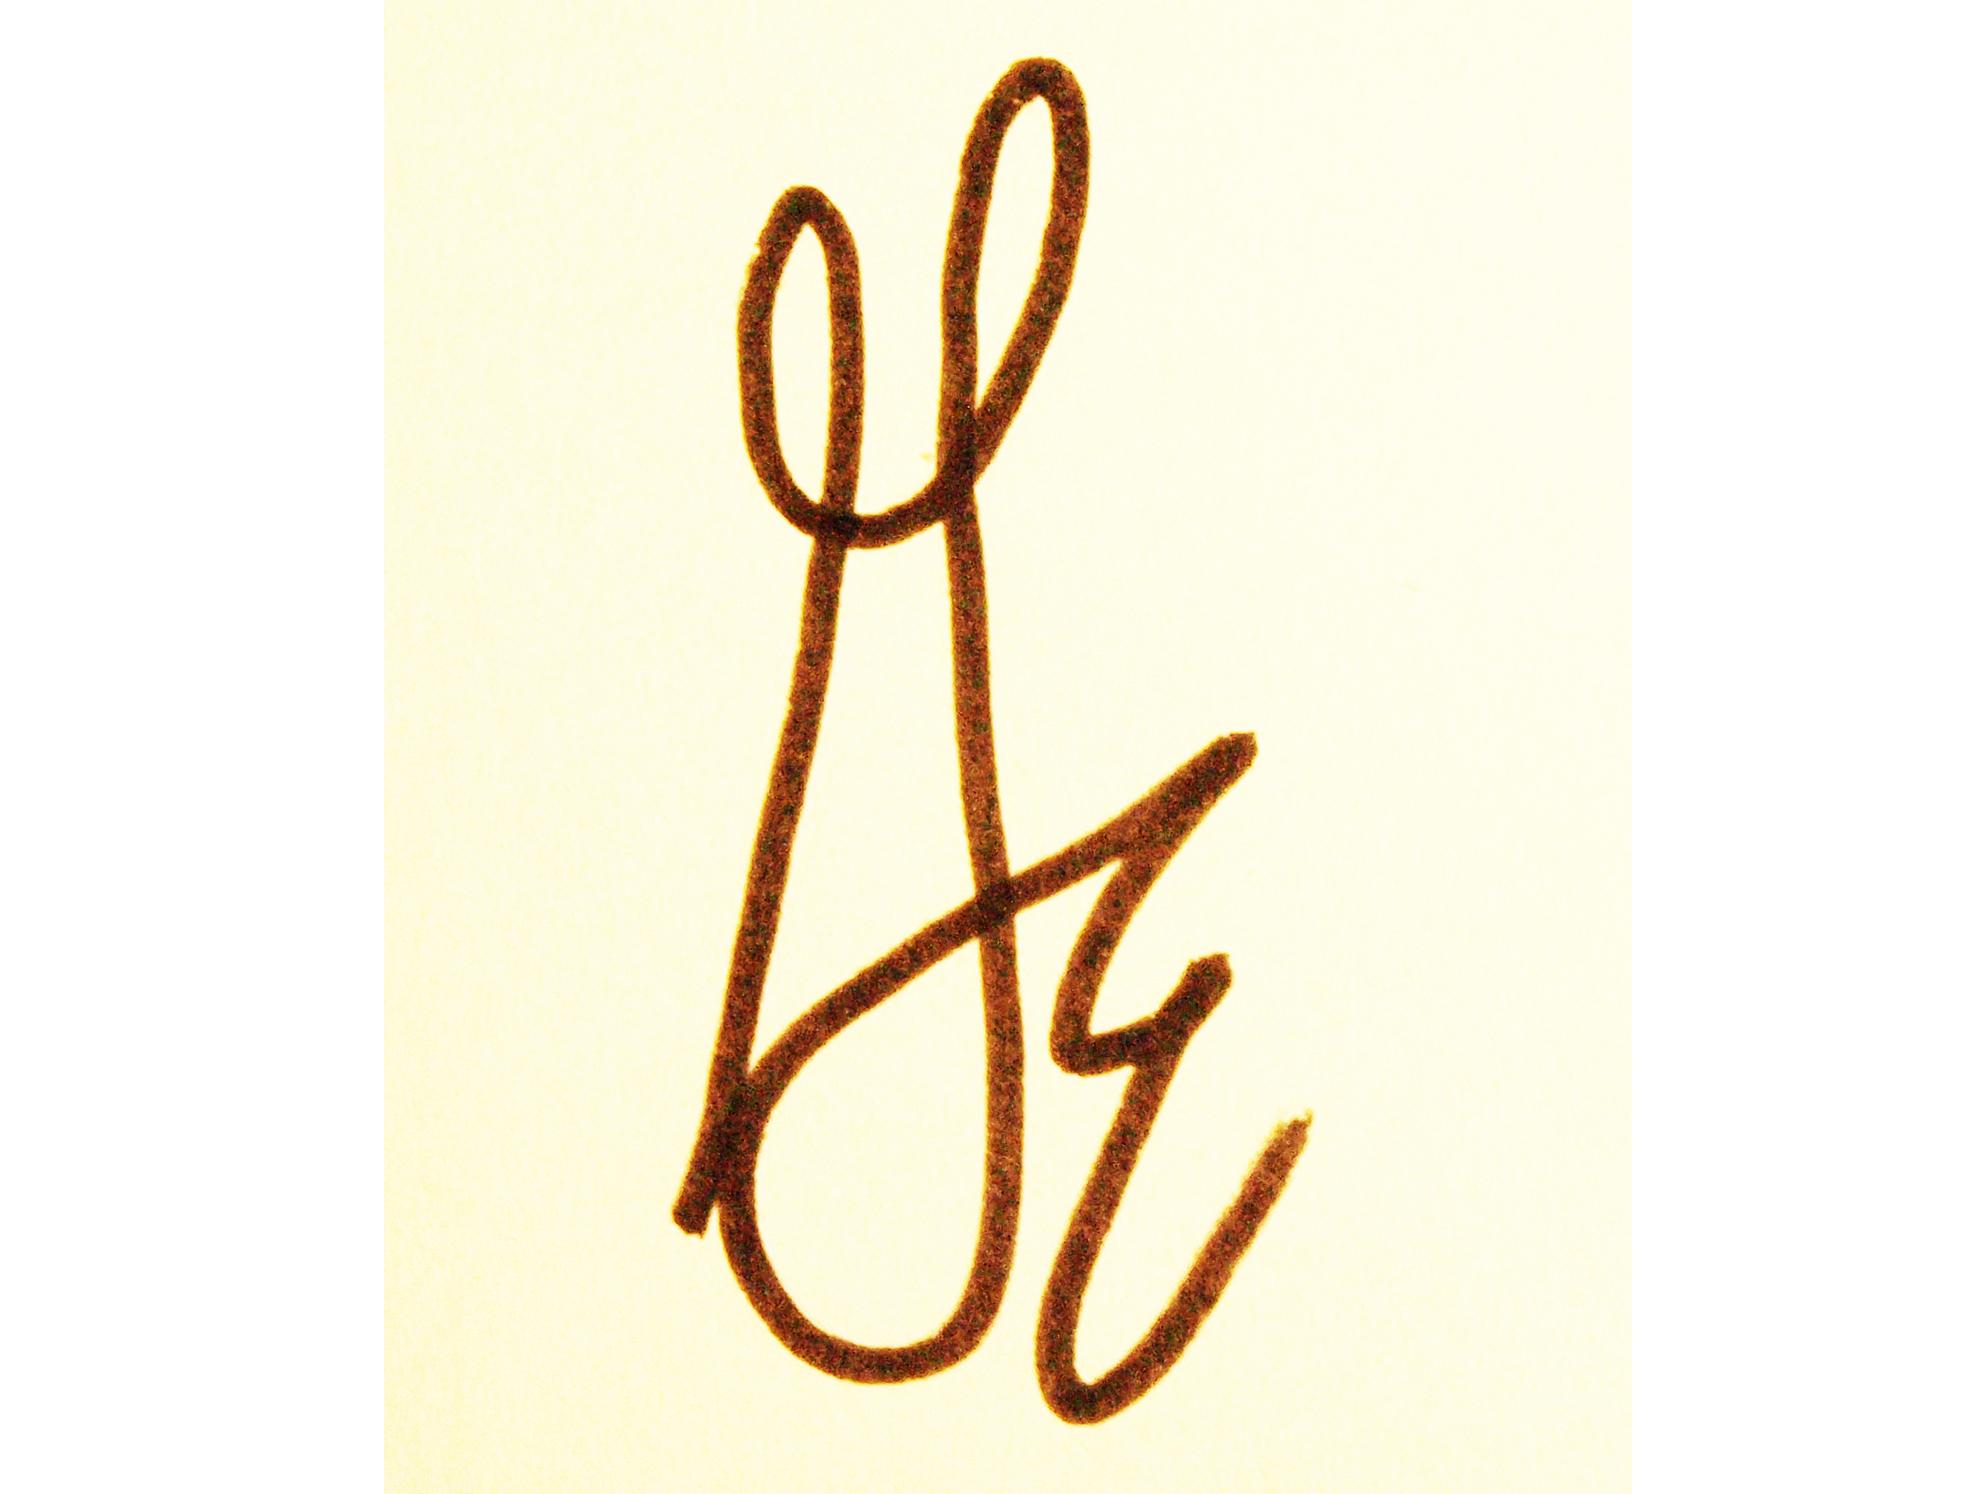 George Marlowe's Signature